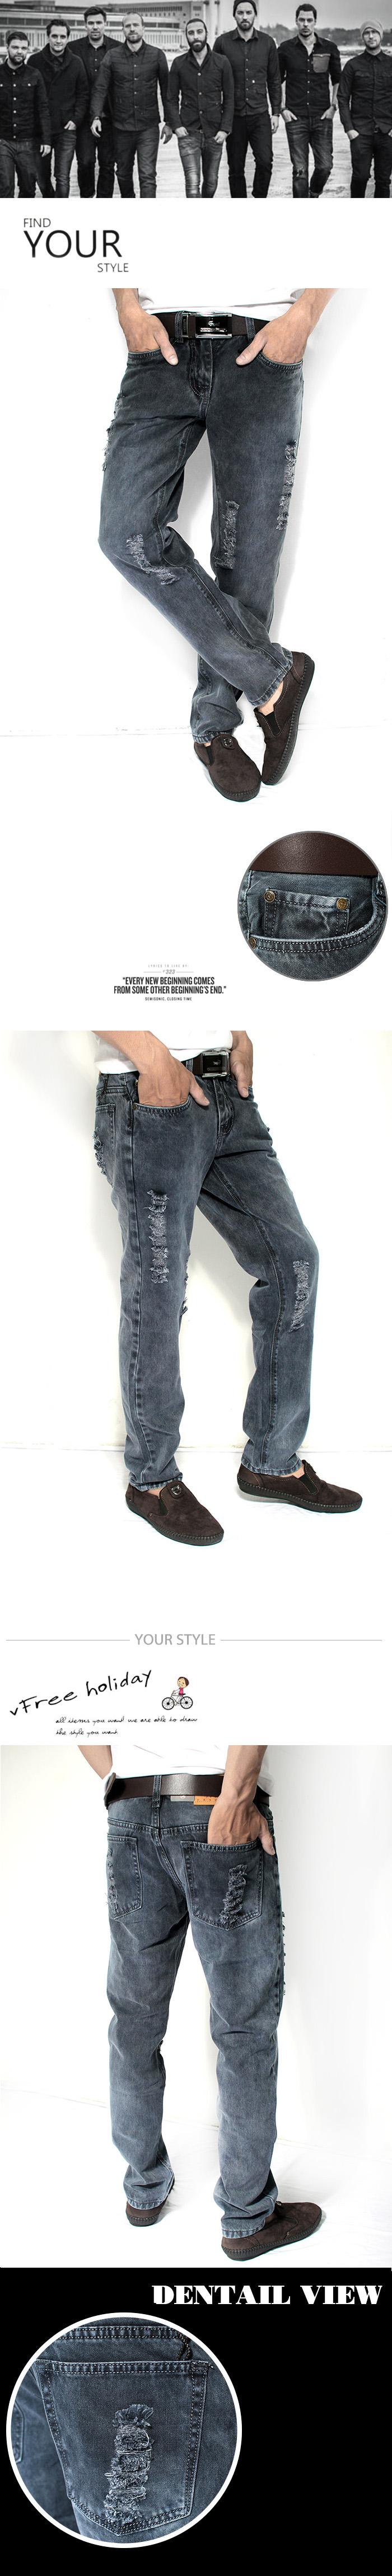 Quần jean rách xanh đen qj1178 - 1